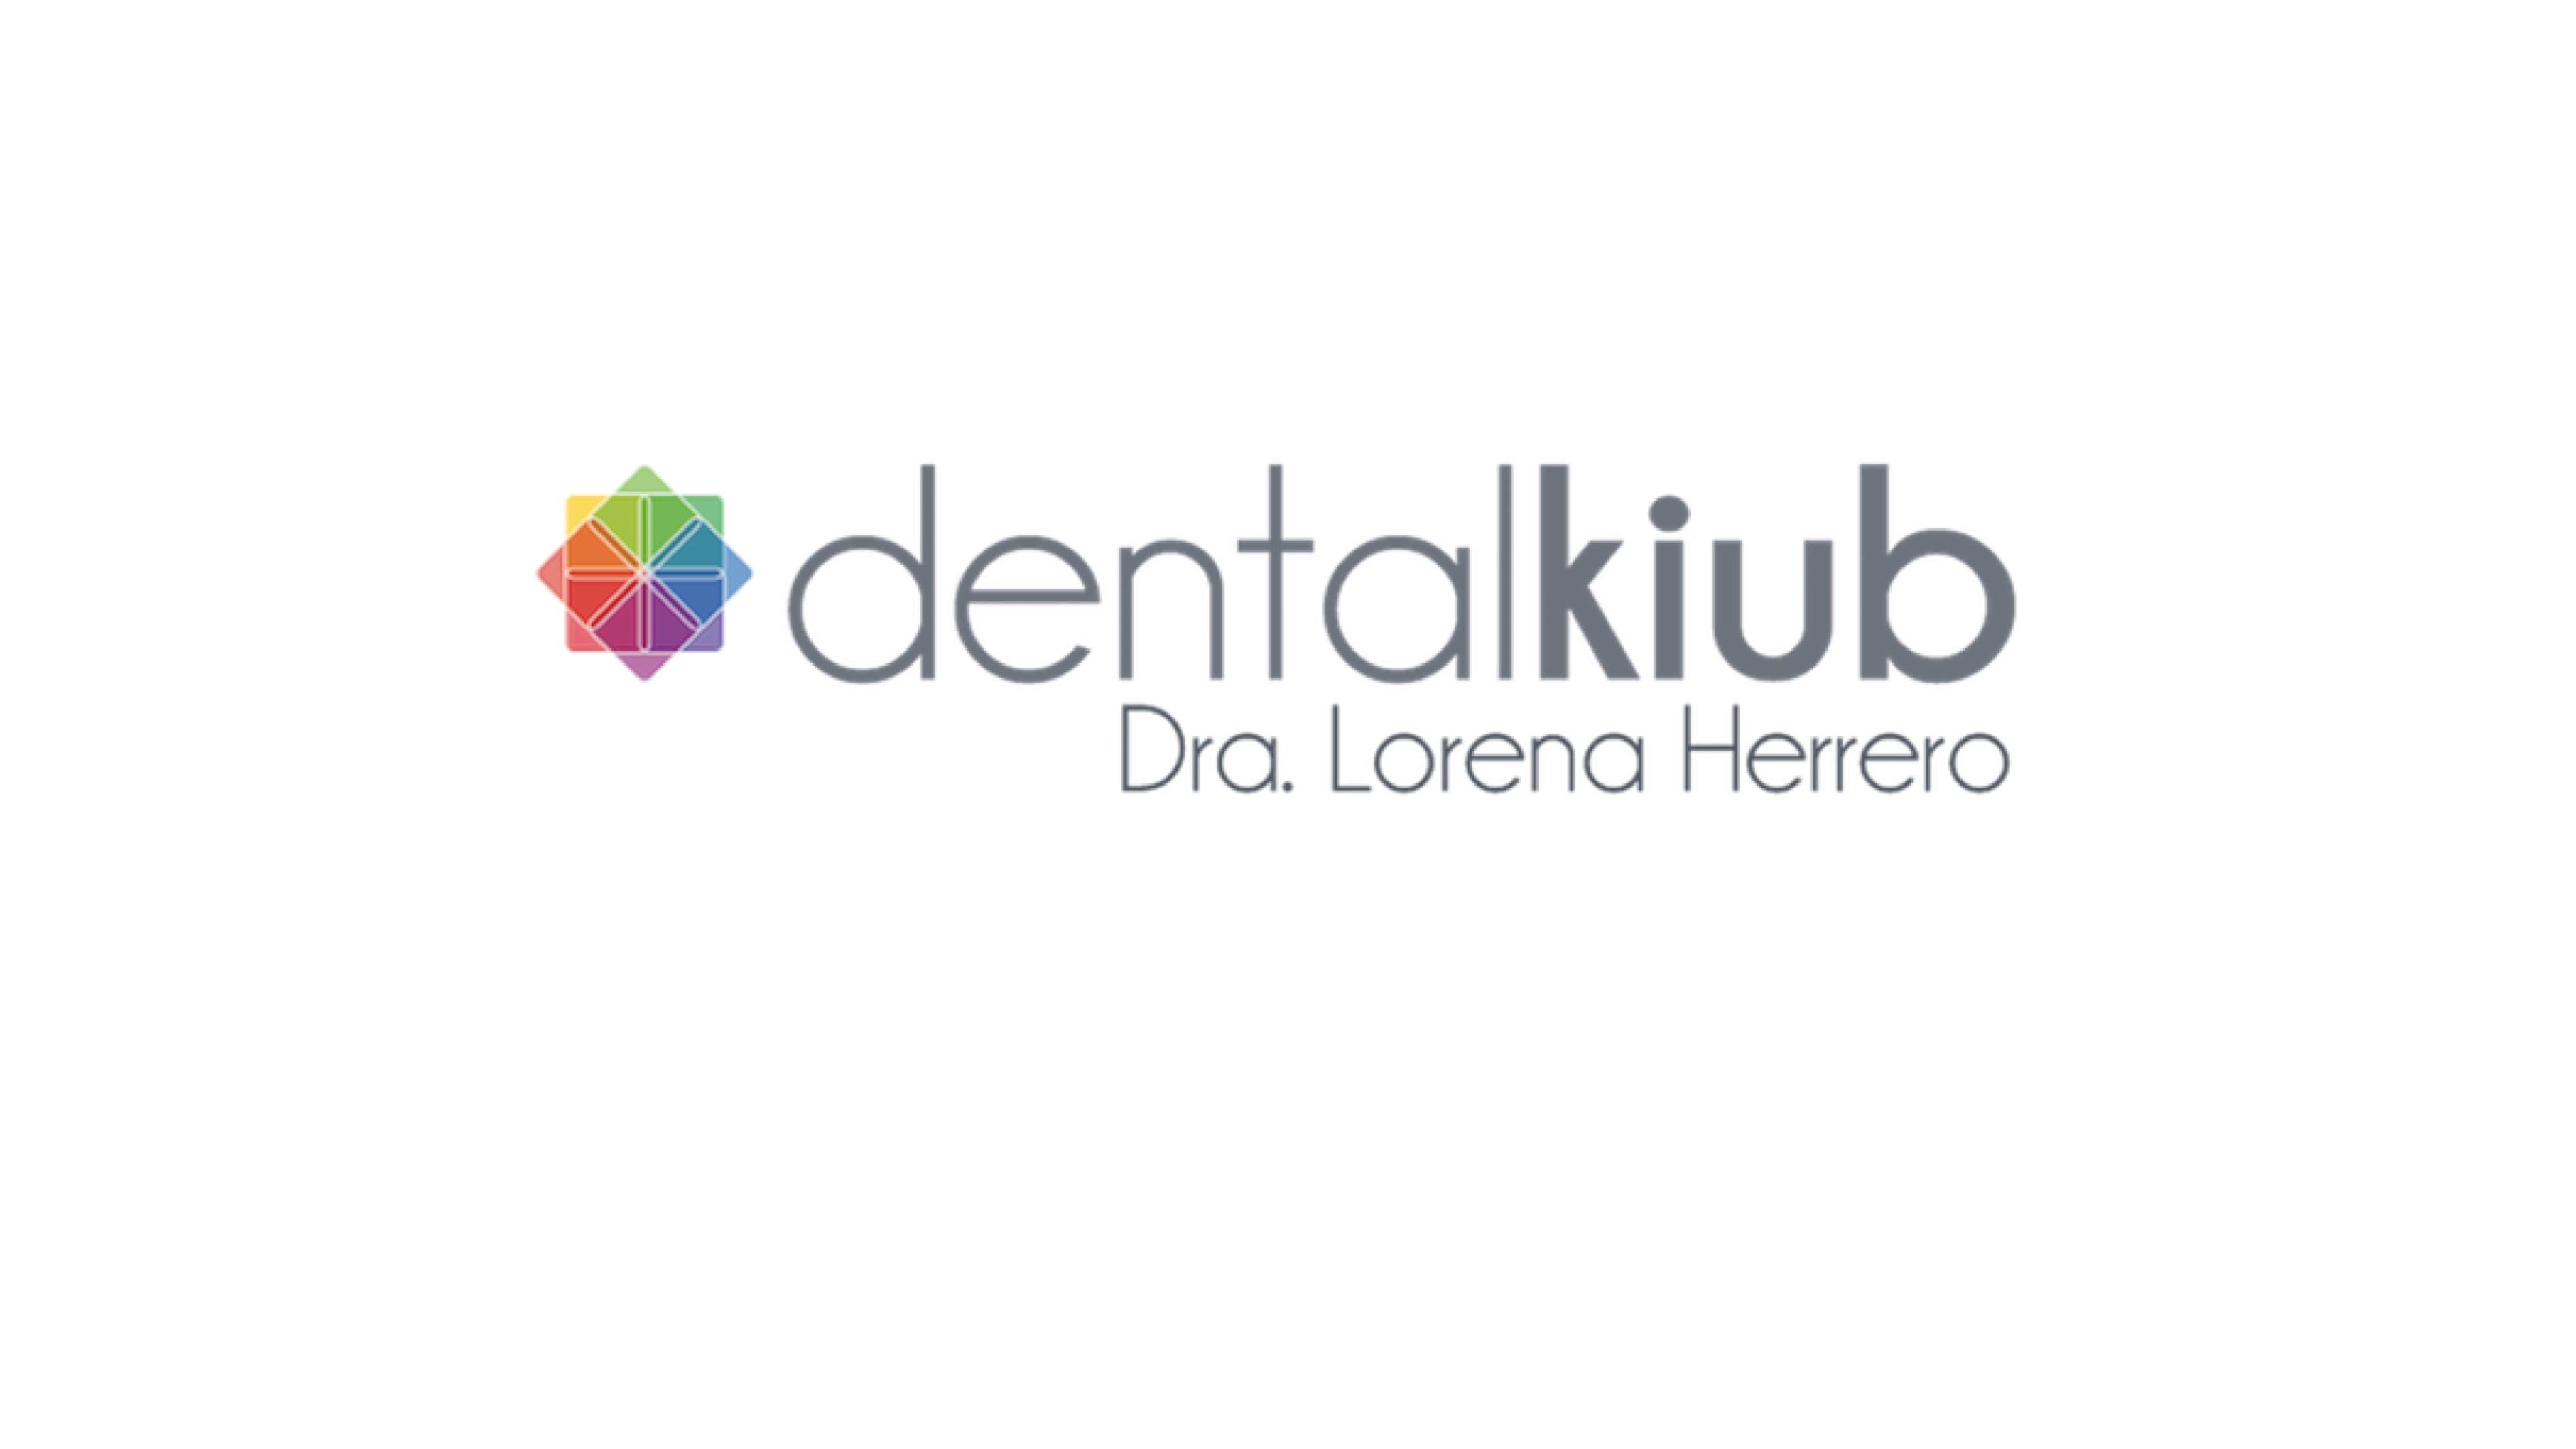 clínica dental dentalkiub